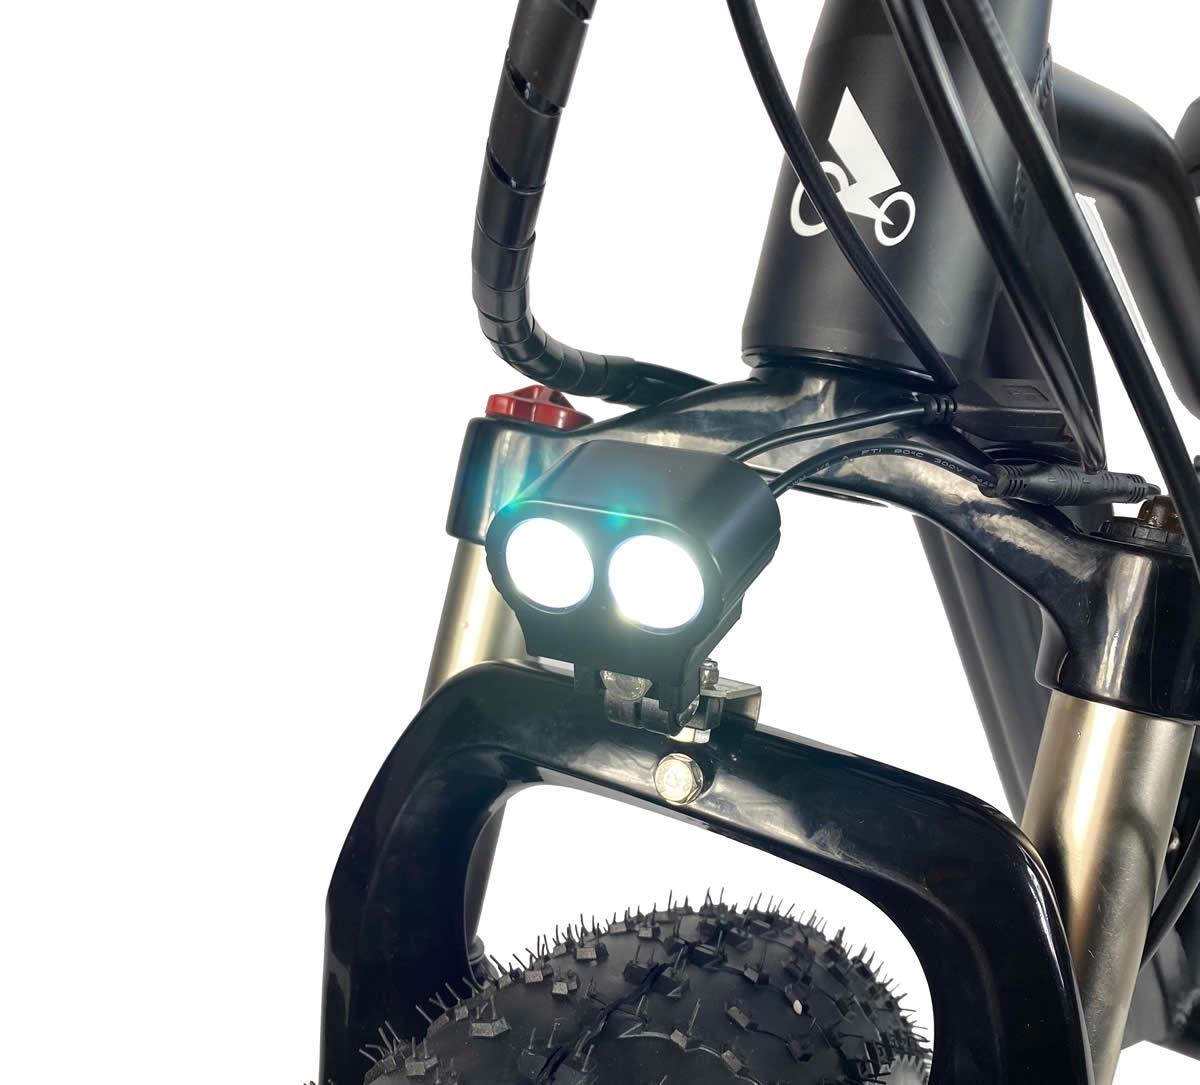 Lumière LED, câblage étanche et suspension de verrouillage